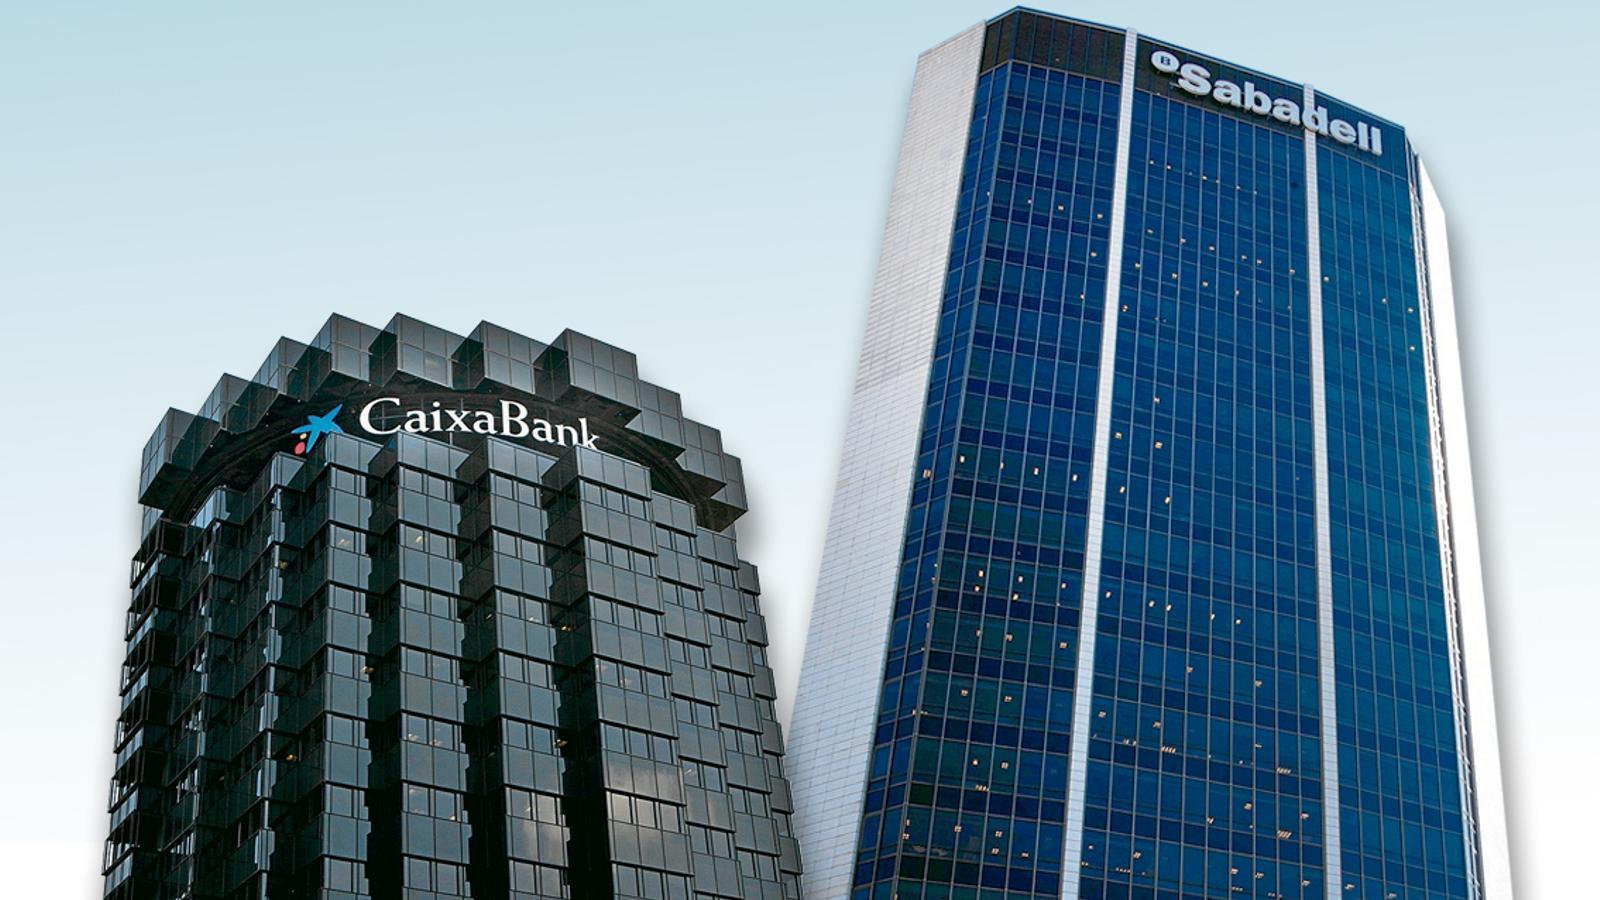 Los dos principales bancos catalanes sufrieron una fuga de depósitos multimillonaria